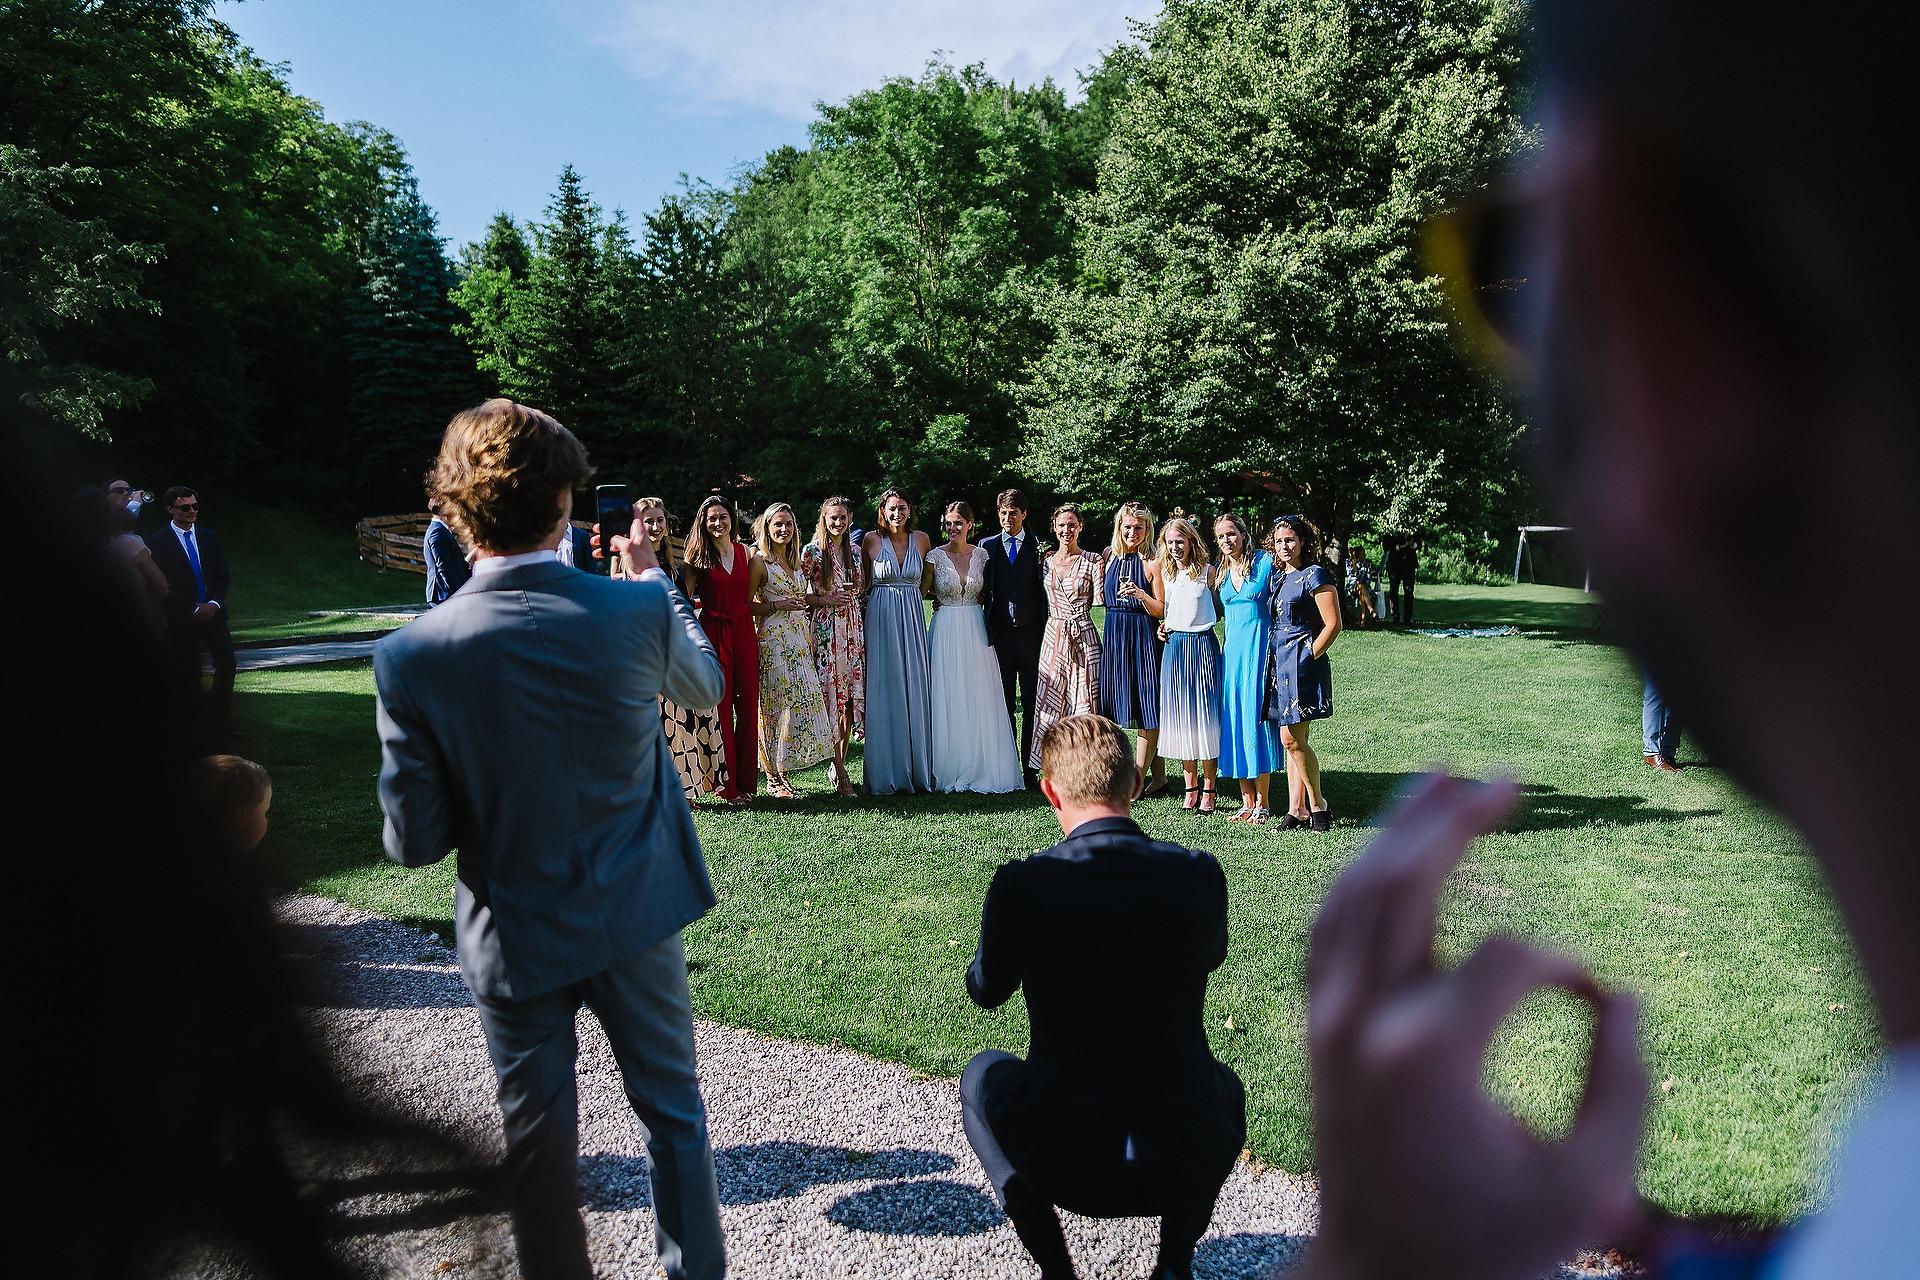 Fotograf Konstanz - Hochzeitsreportage Freiburg Hofgut Lilienhof Hochzeit Fotograf Konstanz 63 - Hochzeit in Freiburg und Hofgut Lilienhof  - 54 -